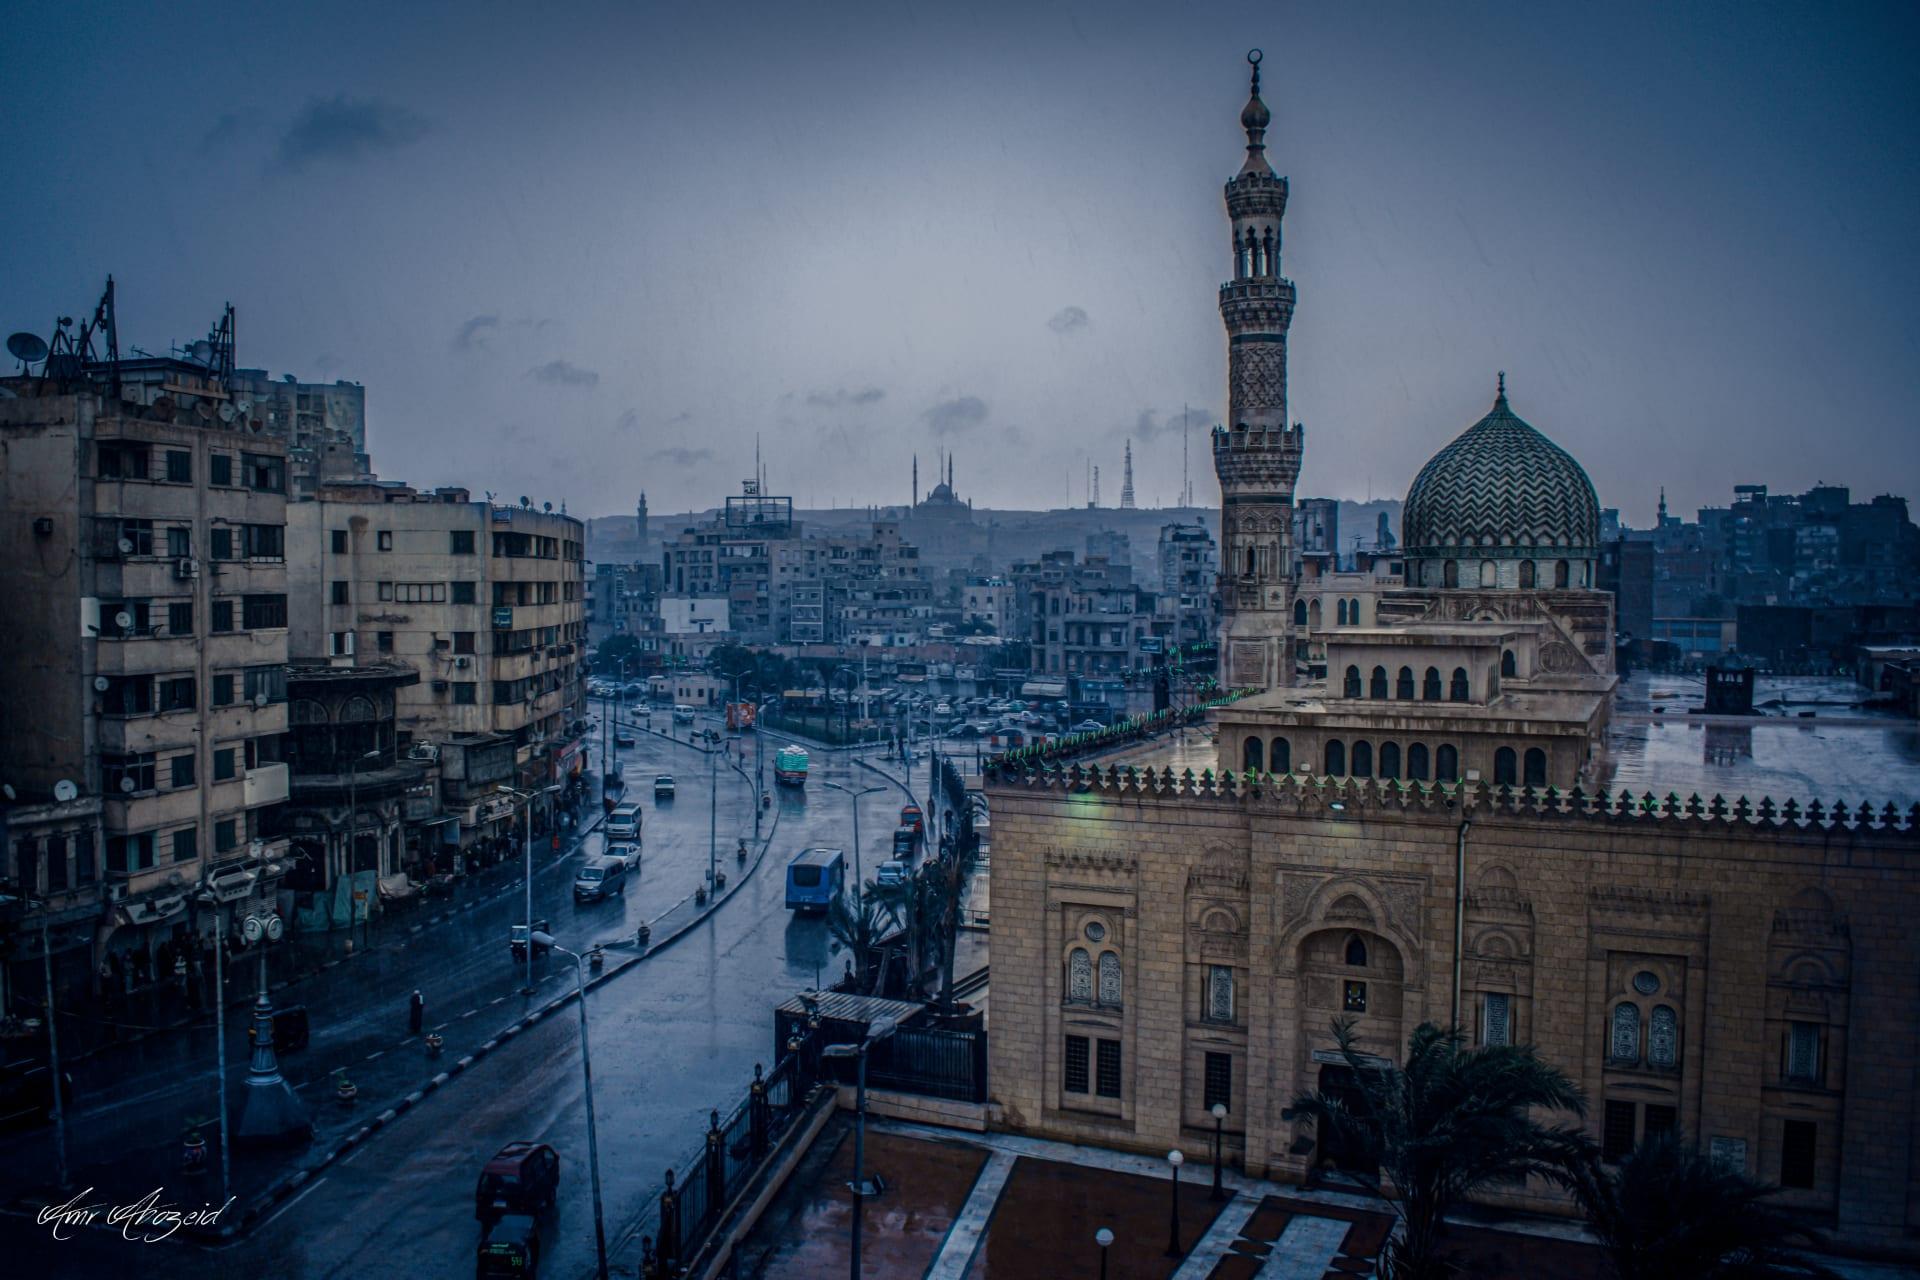 لقطة خيالية لمسجد محمد علي تبرز الوجه الآخر لعاصفة التنين في مصر